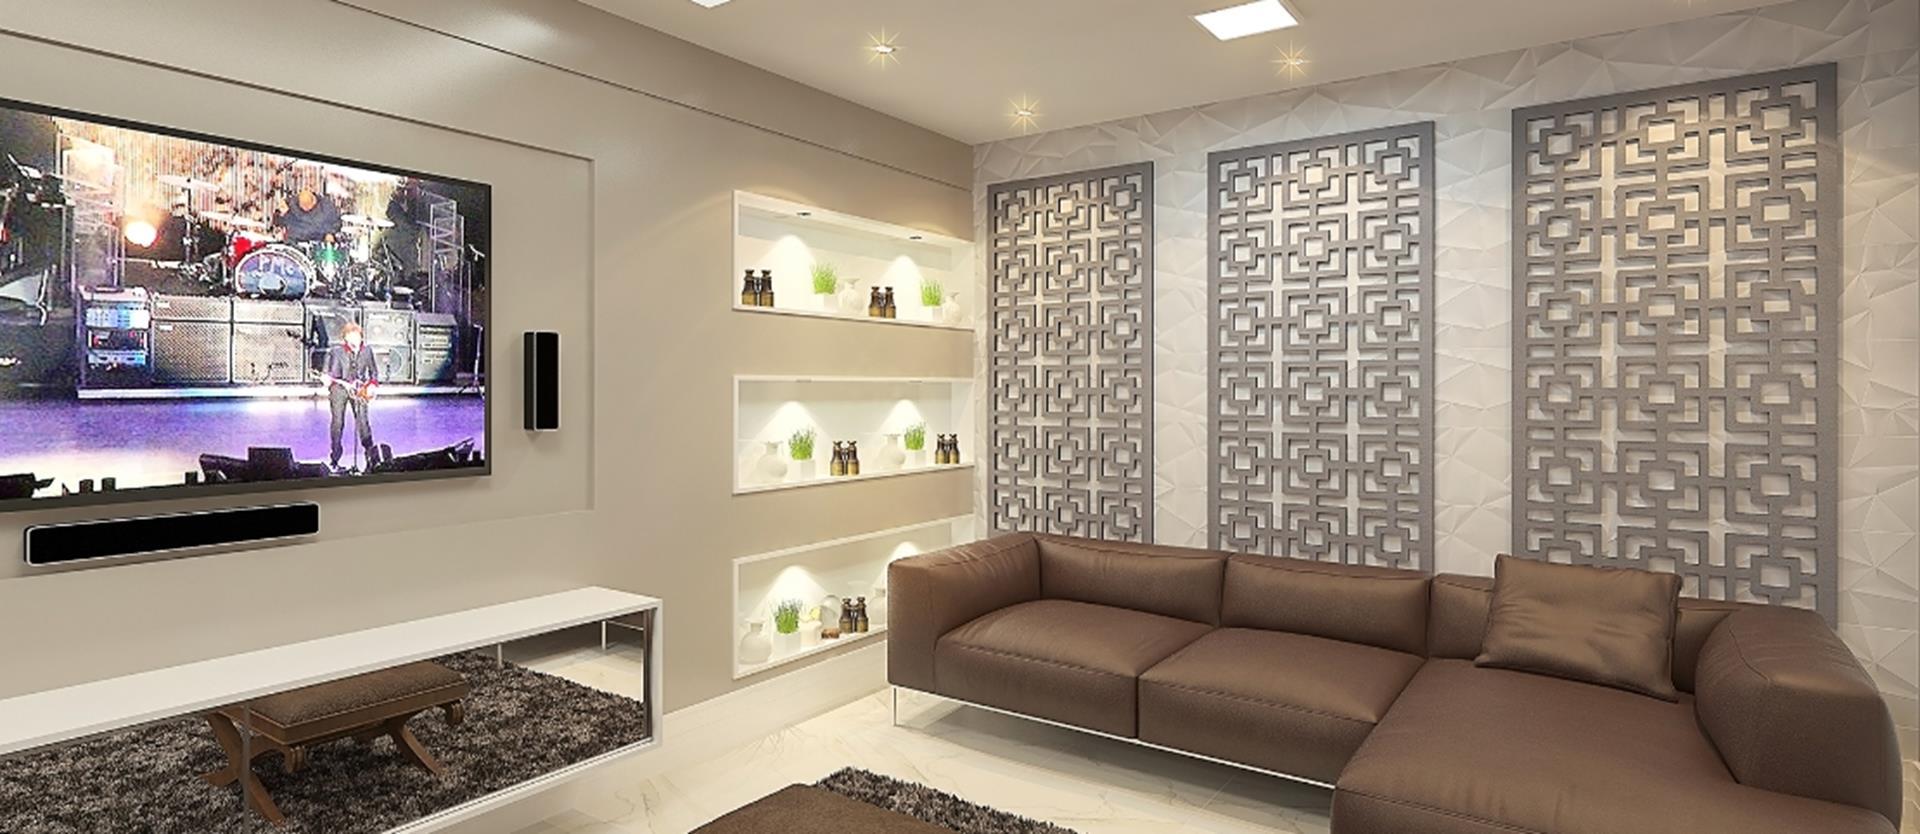 Ambiente decorado com um trio de painéis Export Laser.